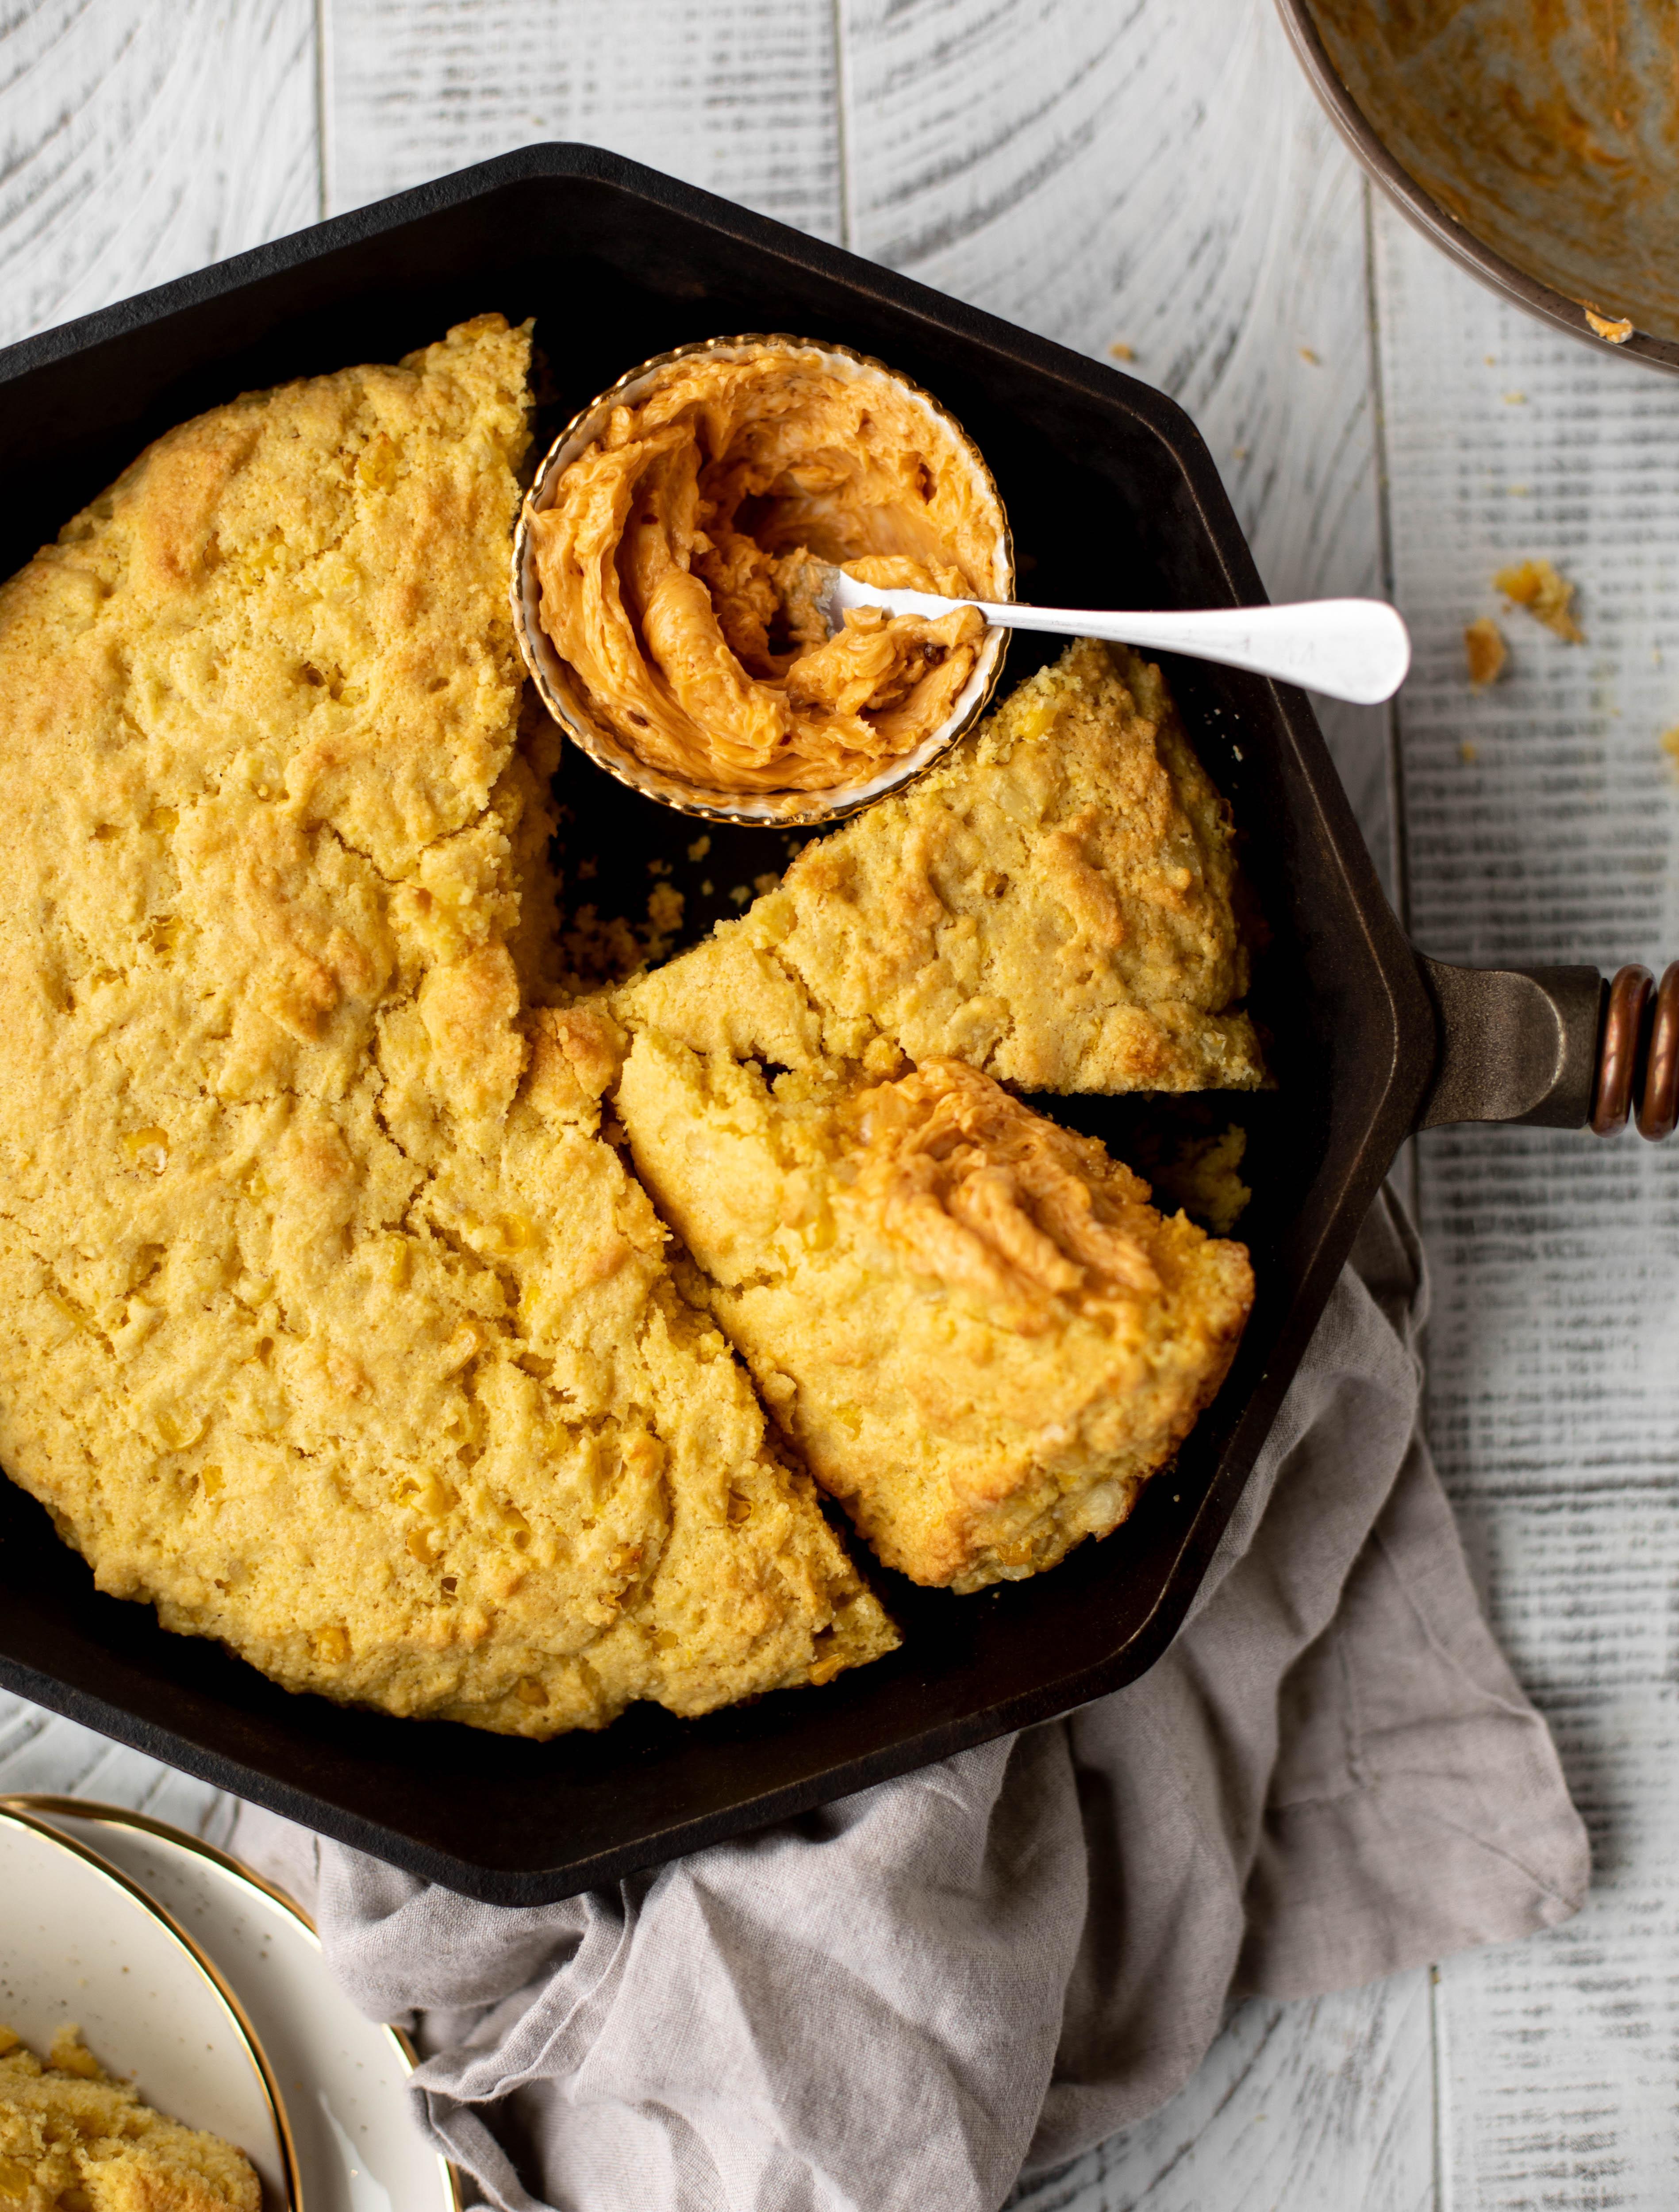 ¡Este pan de maíz de sartén es tan esponjoso y delicioso! Servir caliente del horno con mantequilla de miel de chipotle. Es un gran aperitivo o guarnición.